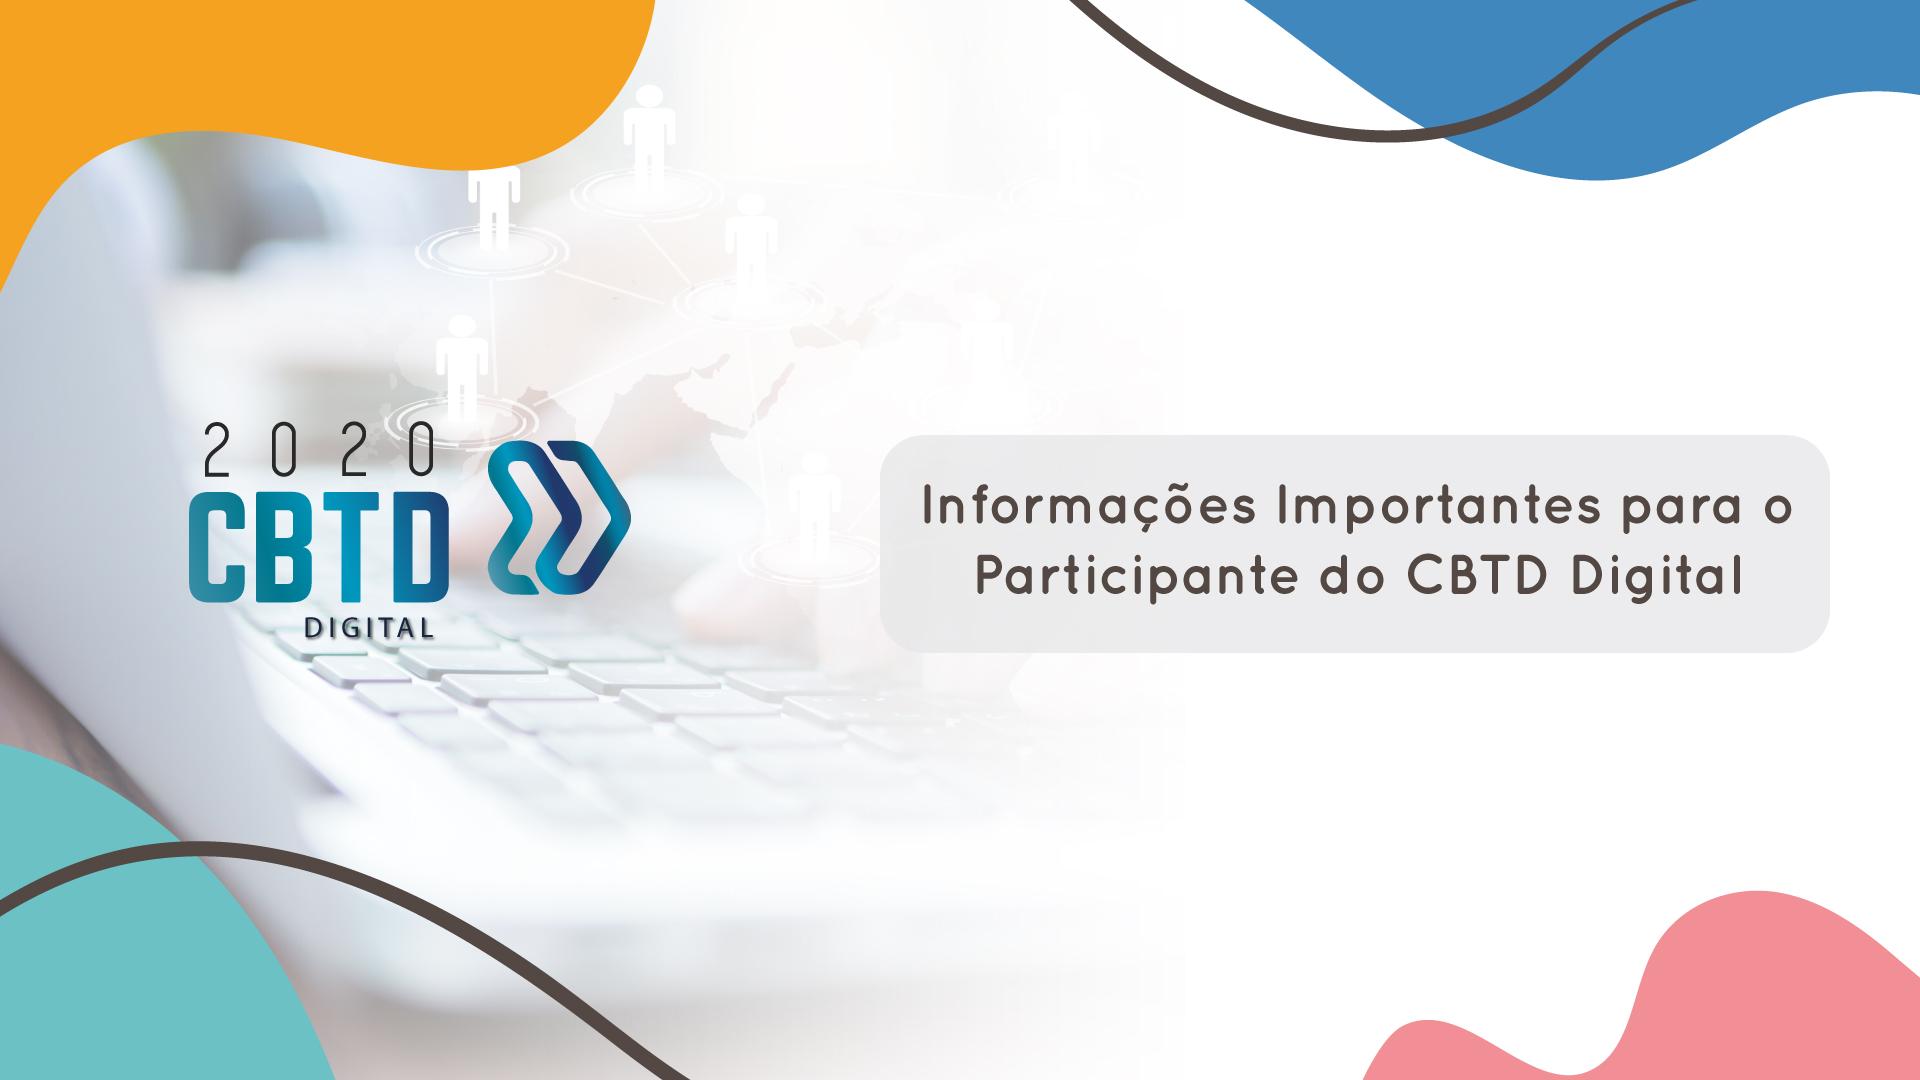 Informações importantes aos participantes do CBTD Digital 2020